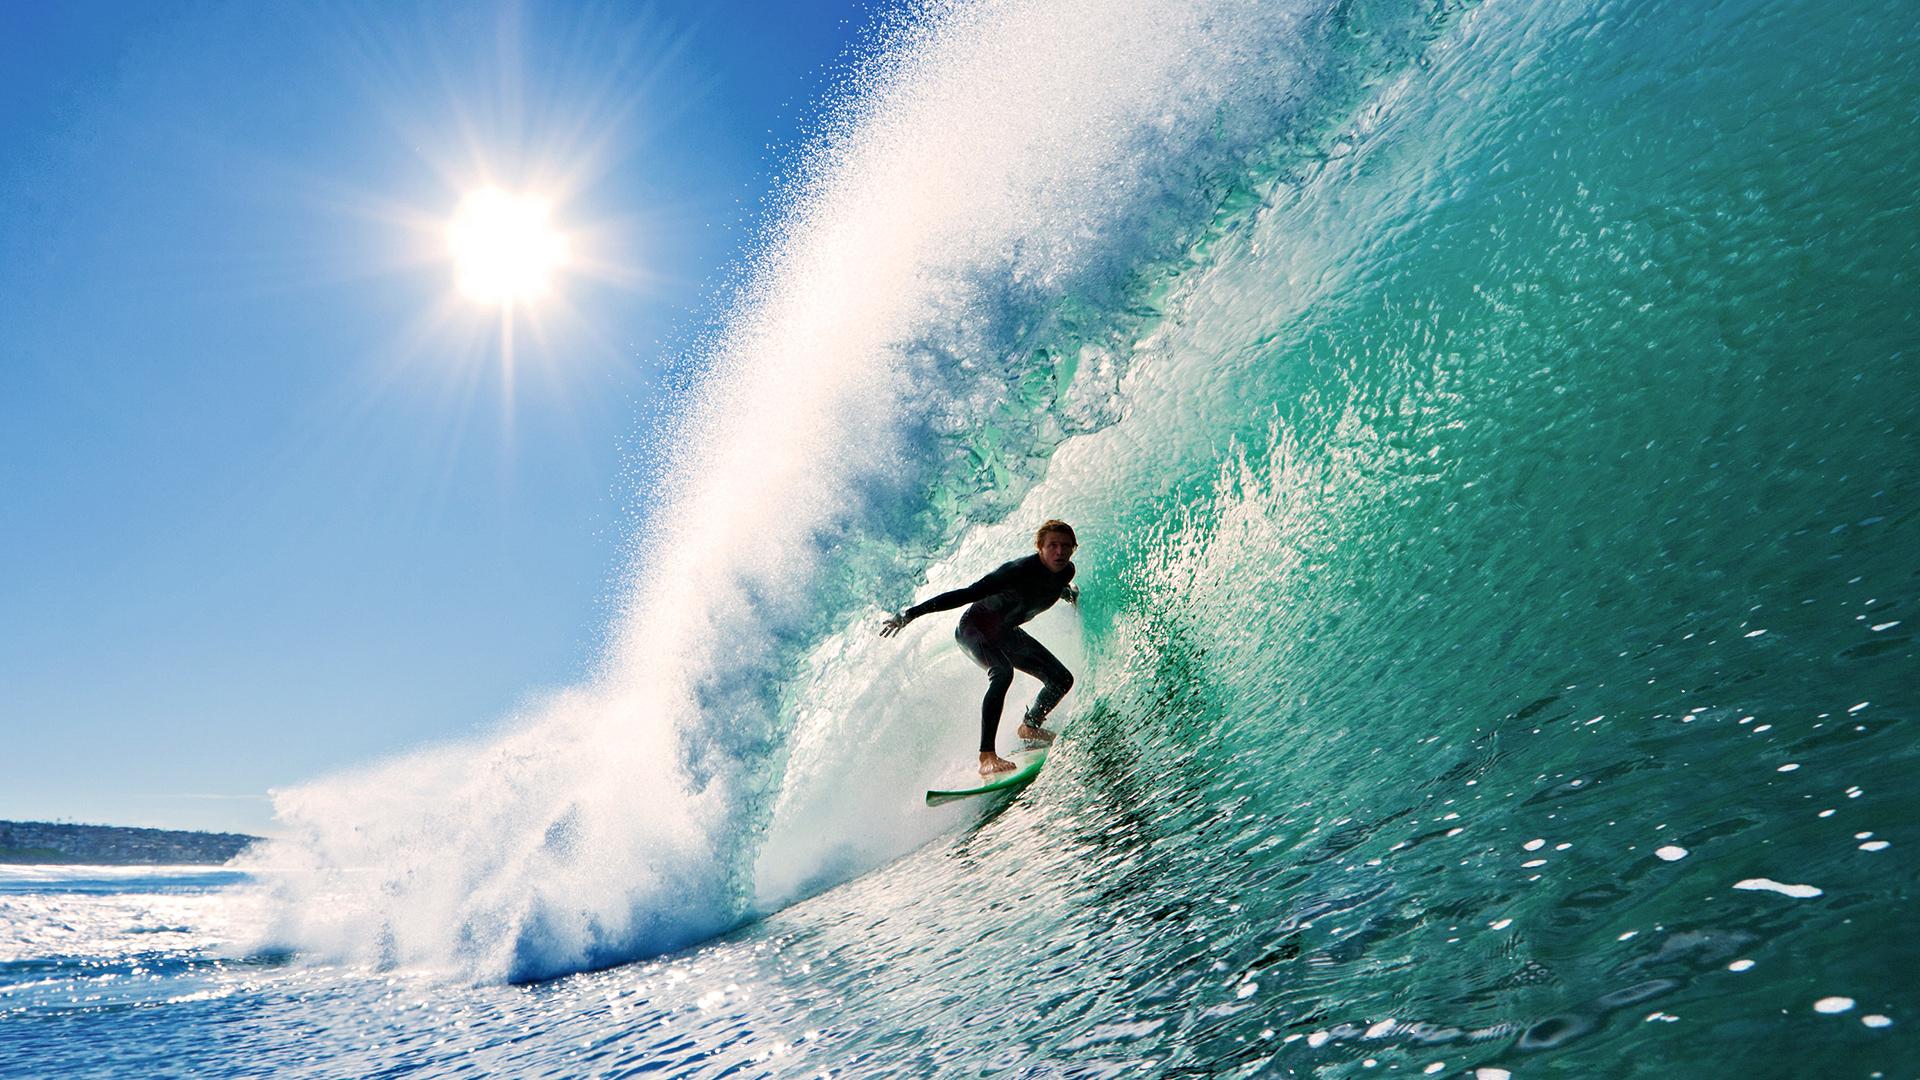 サーフィンが上手くなるには?最短で上手くなりたいなら読んでほしい!